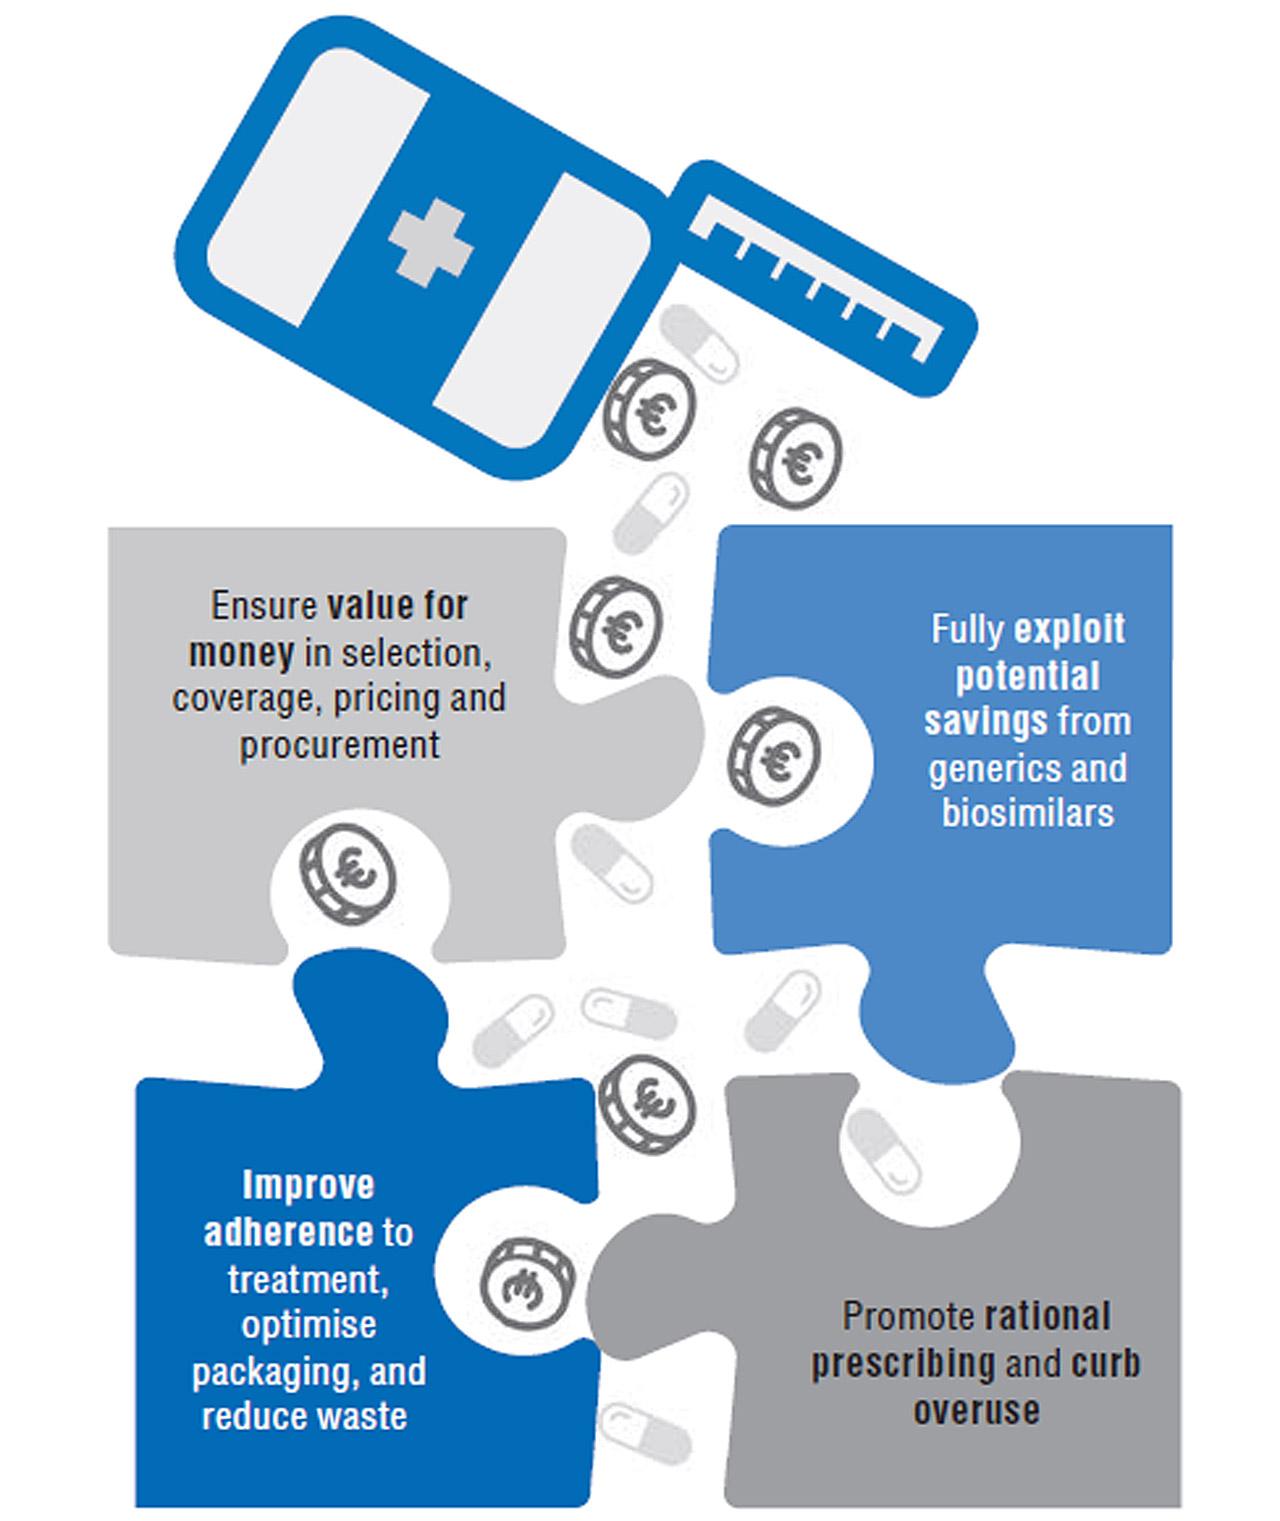 Propuestas para reducir el gasto en productos farmacéuticos. (Fuente: OCDE)